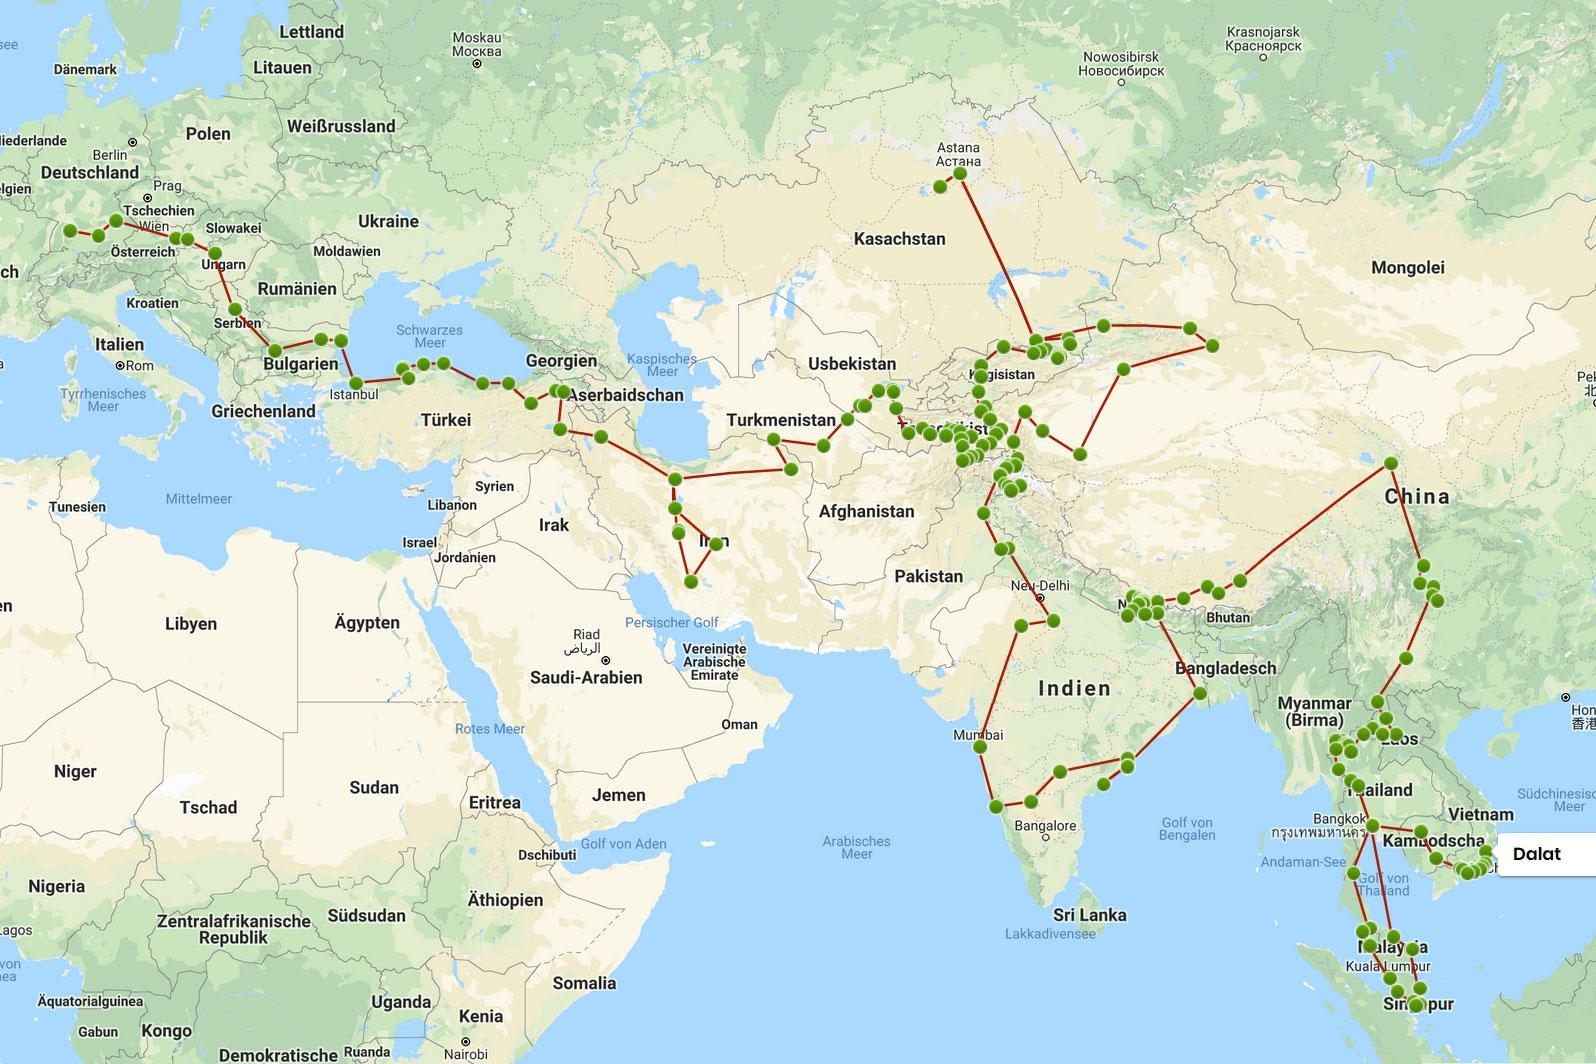 Eine Landkarte, auf der eine Reiseroute eingezeichnet ist.